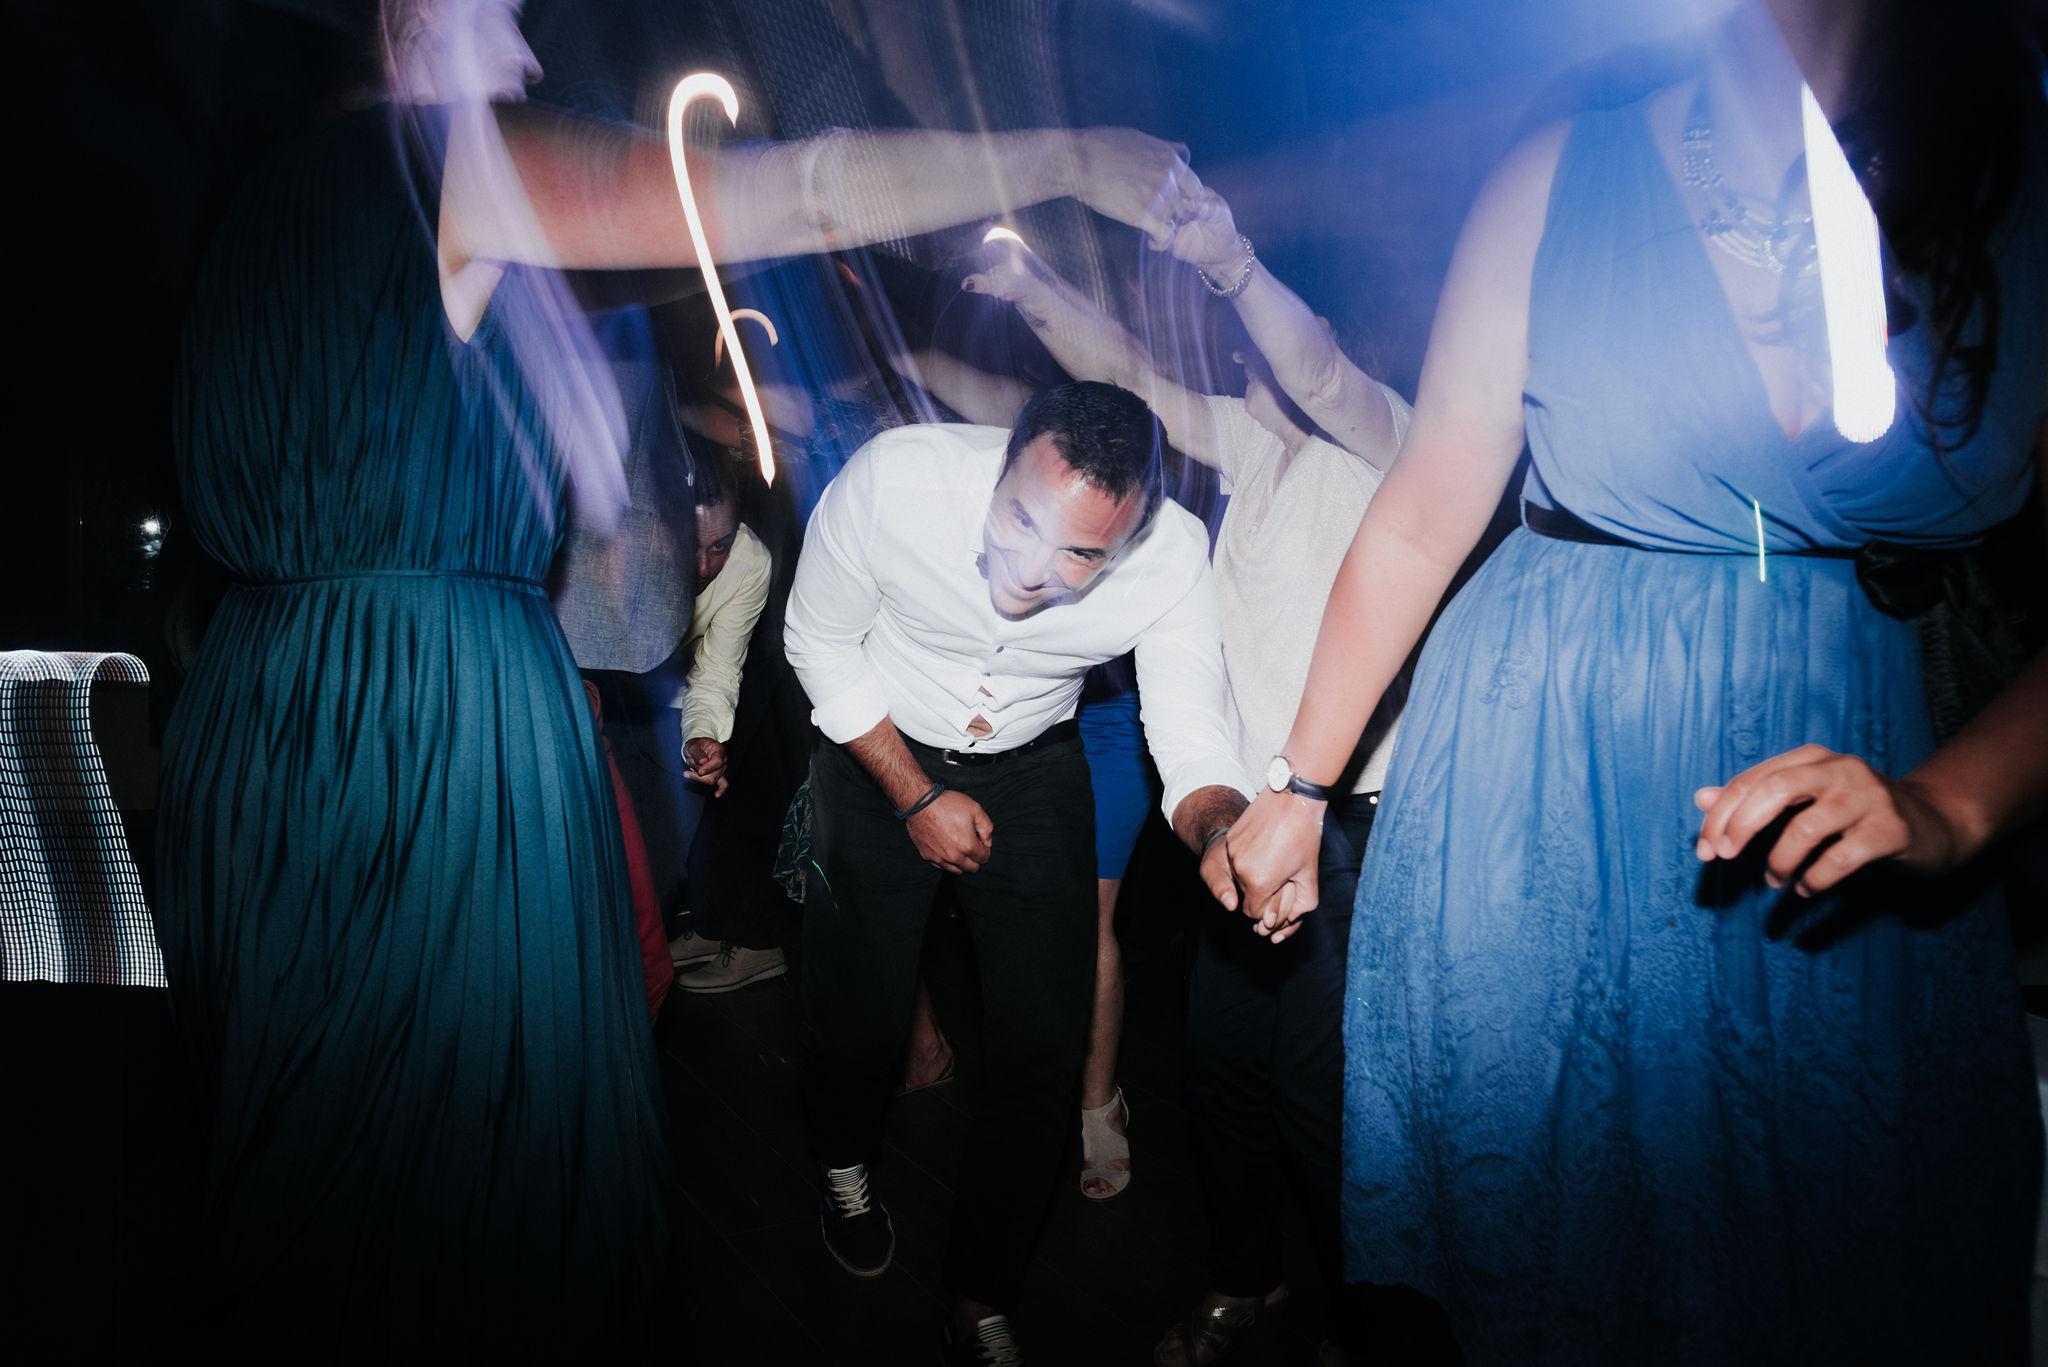 Léa-Fery-photographe-professionnel-lyon-rhone-alpes-portrait-creation-mariage-evenement-evenementiel-famille--272.jpg